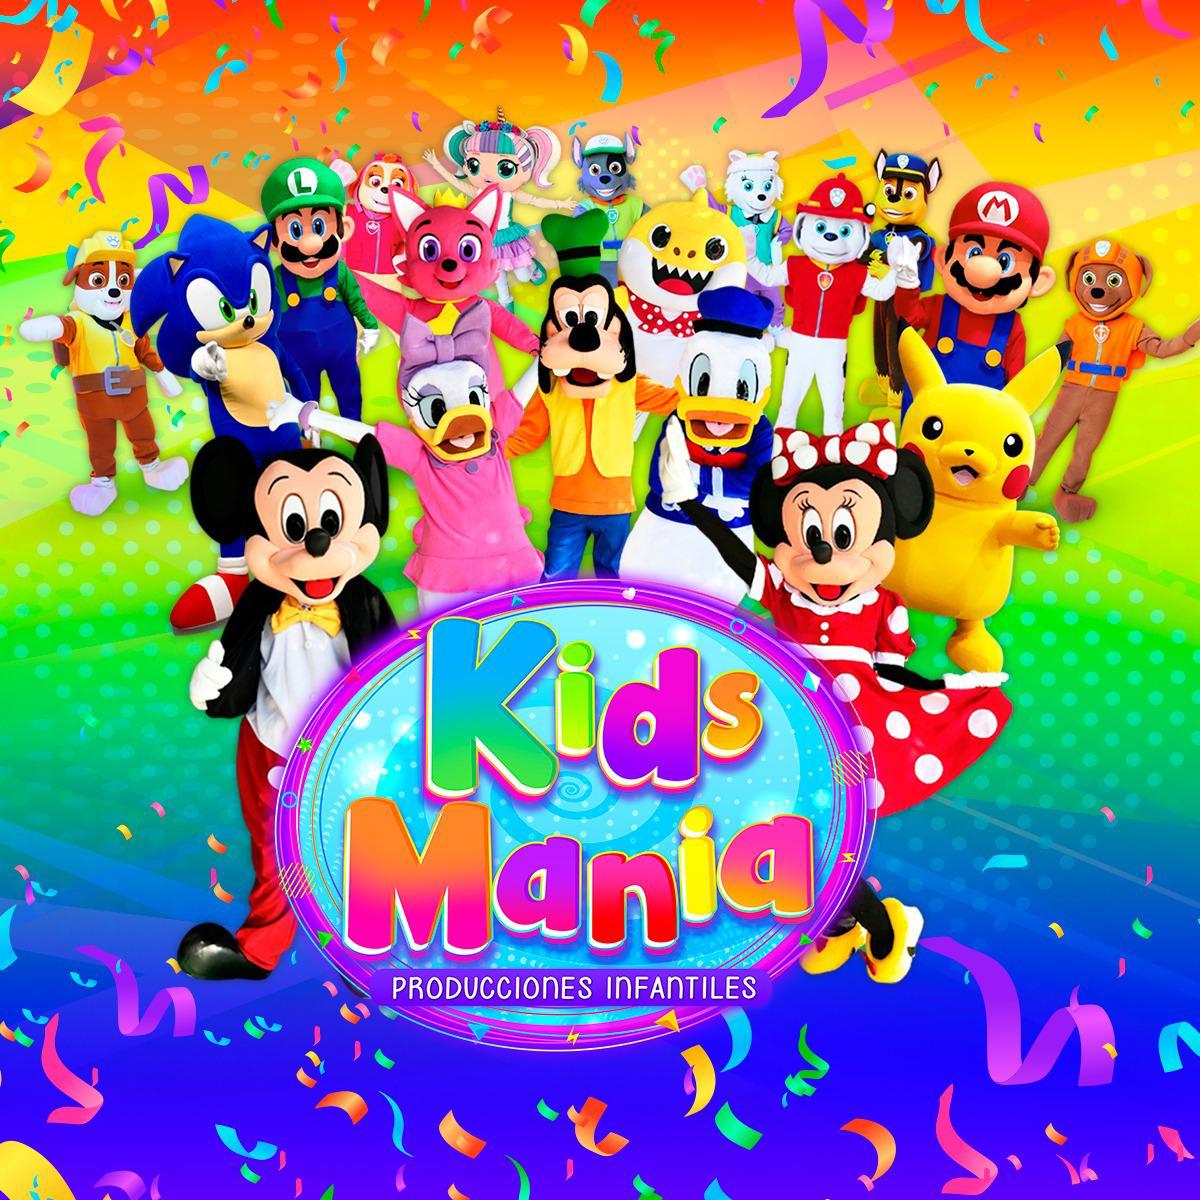 Kids Mania Producciones